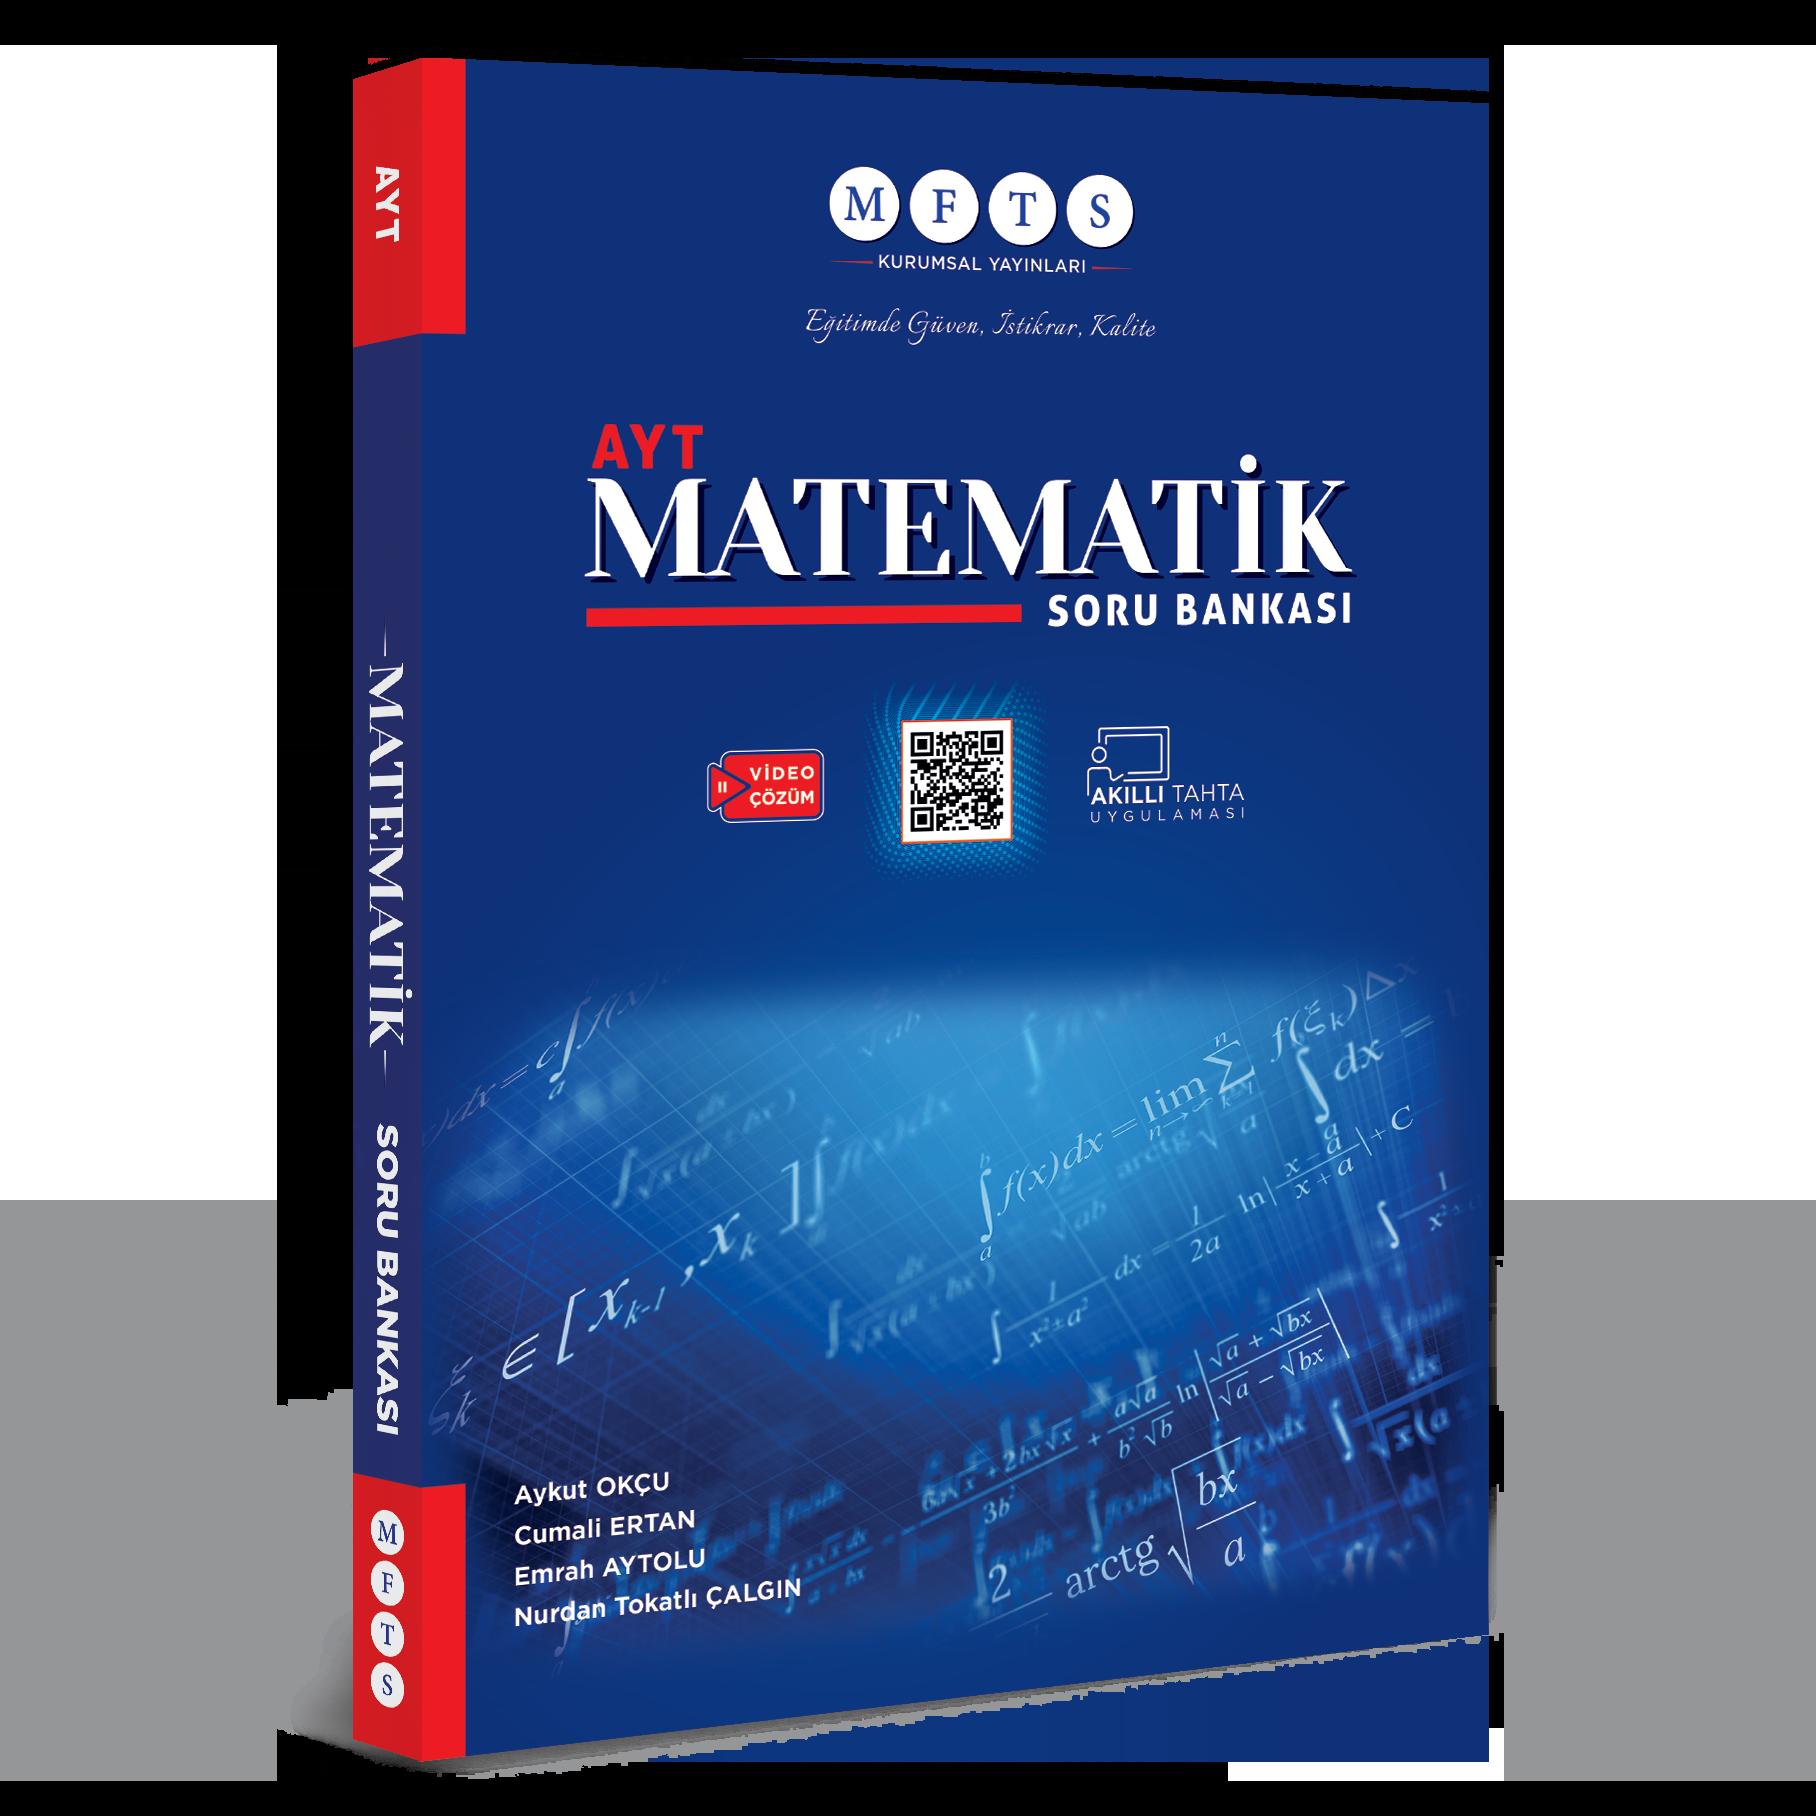 fenbilimlerimerkezi.net yayinlar: AYT Matematik Soru Bankası